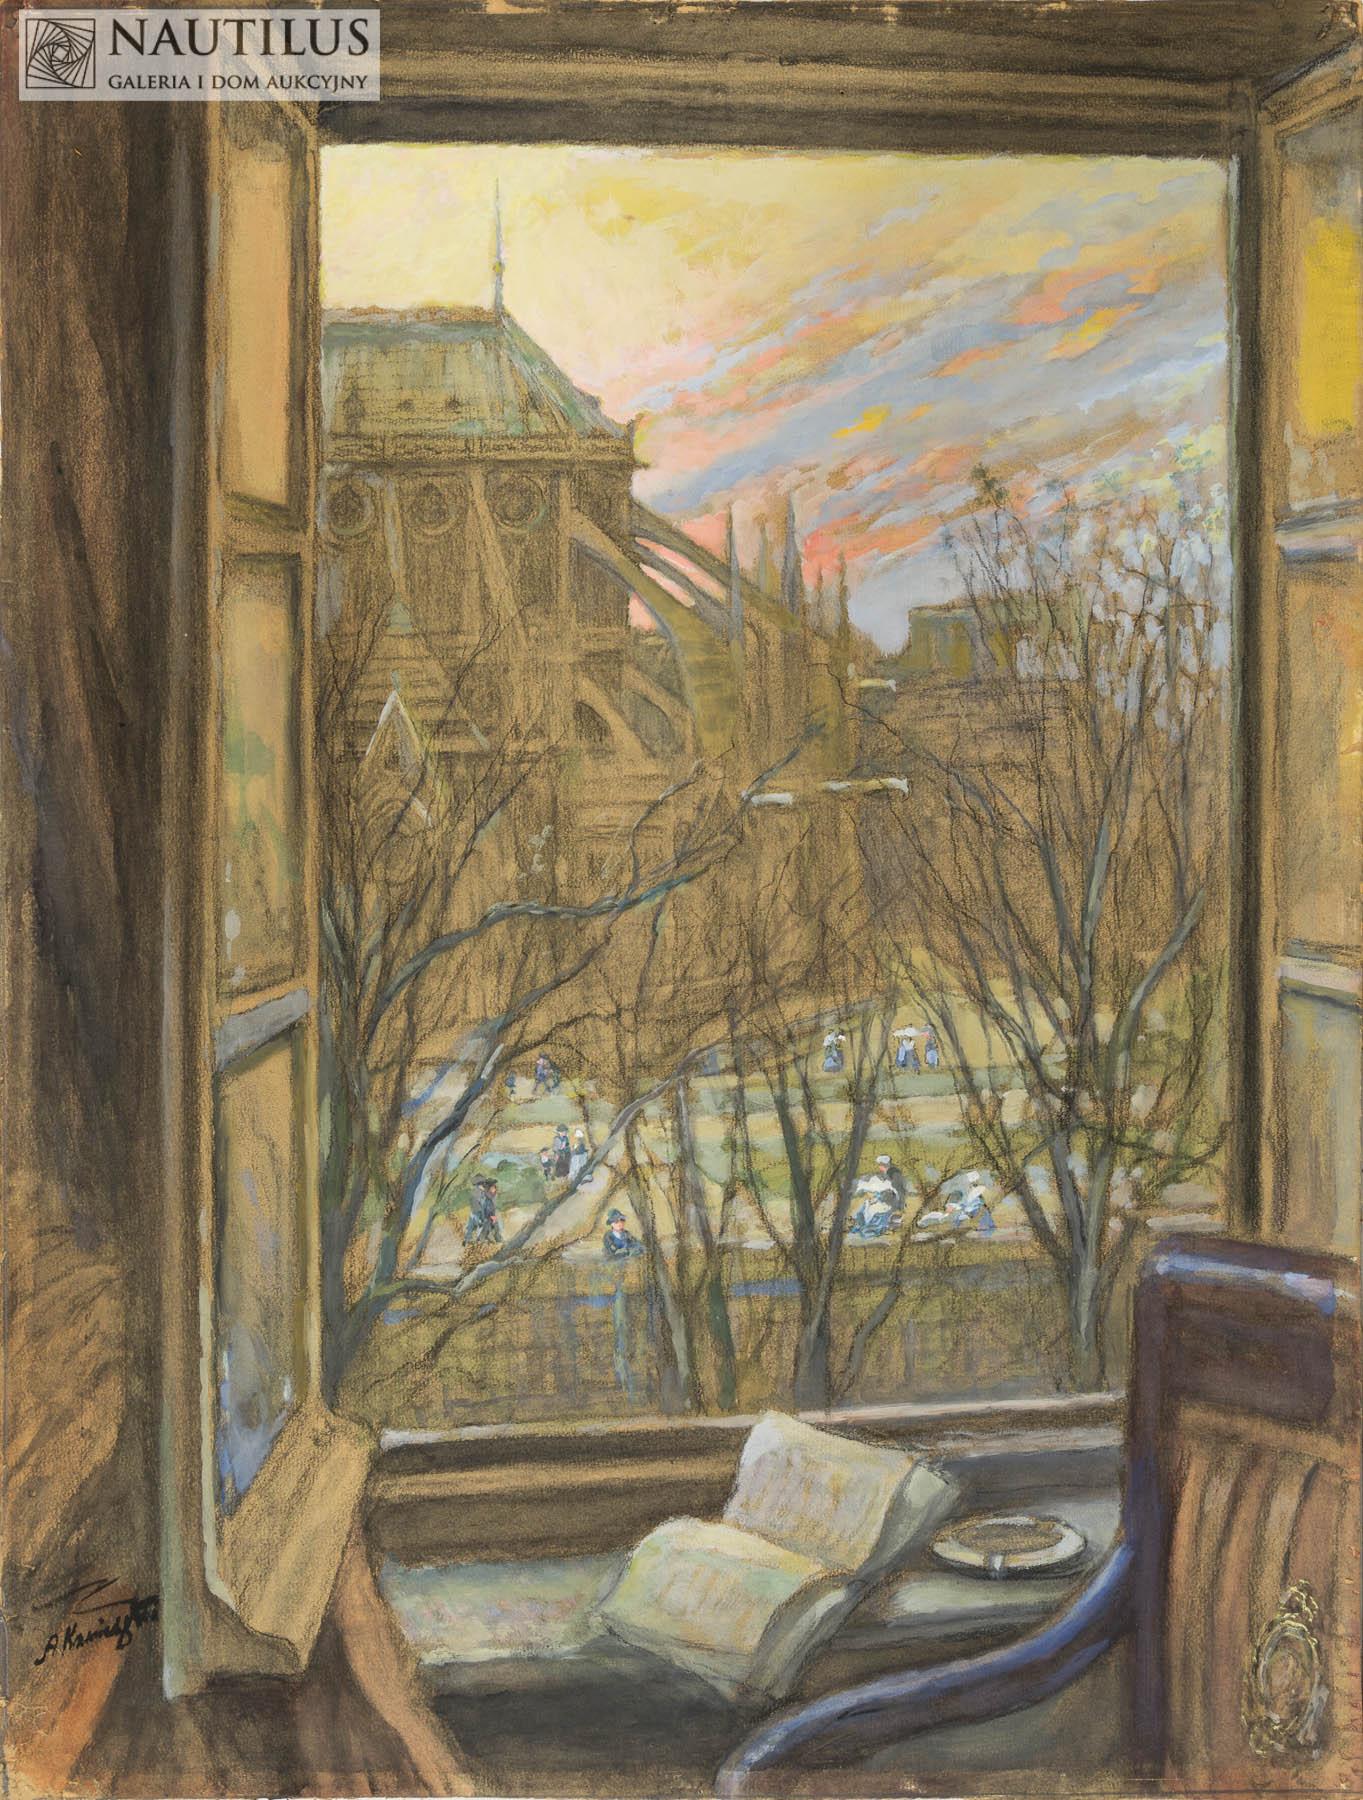 Widok na Katedrę Notre Dame w Paryżu, ok. 1912